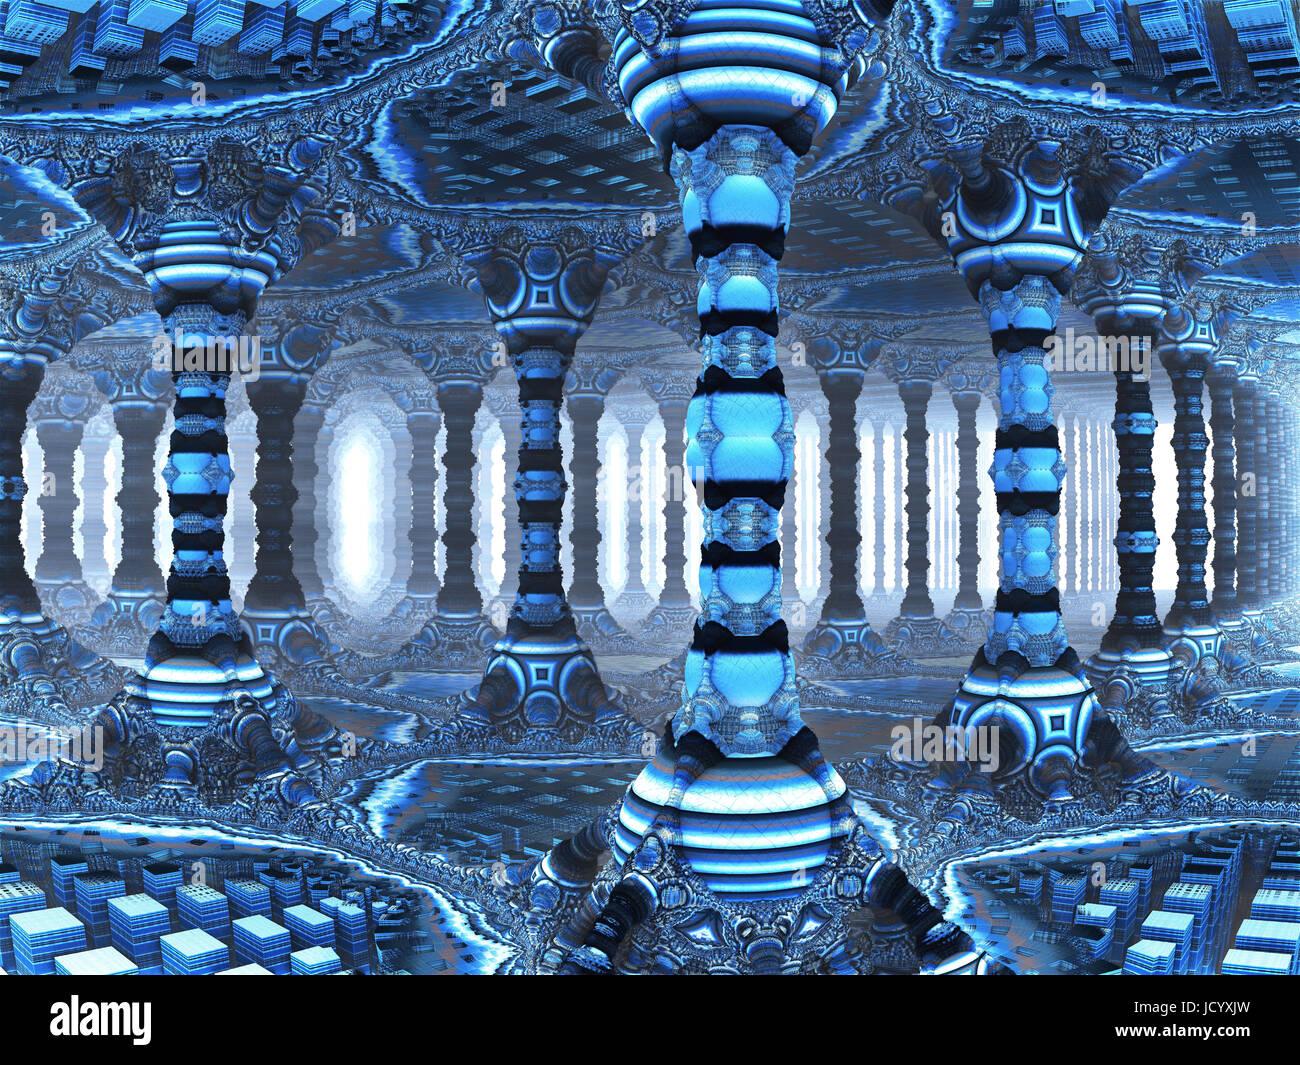 Colonnade,3D fractal illustdation, - Stock Image